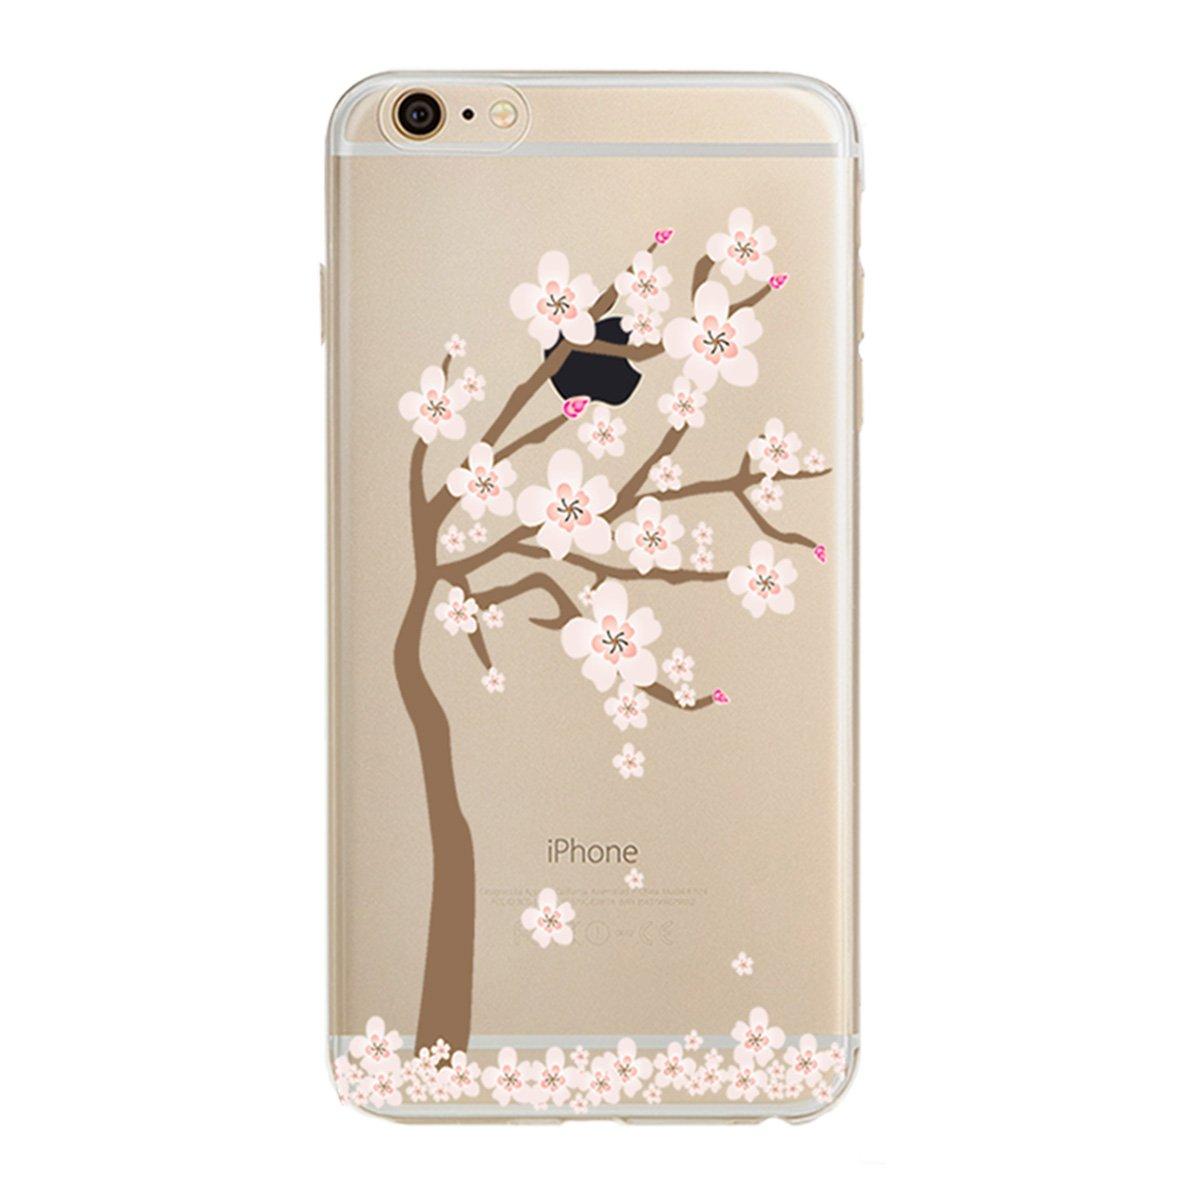 iPhone 6S Plus 用のケース iPhone 6 Plus 用のケースPHEZEN iPhone 6S Plus TPU ケース 豪華版きらきらダイヤモンド クリスタルのように透明 柔らかいTPUシリコーン製の裏カバー 5.5インチのiPhone 6/6S Plus用のドリームキャチャーの柄付き RT7886X(1#) B01LYCOQ0C Floral #1 Floral #1